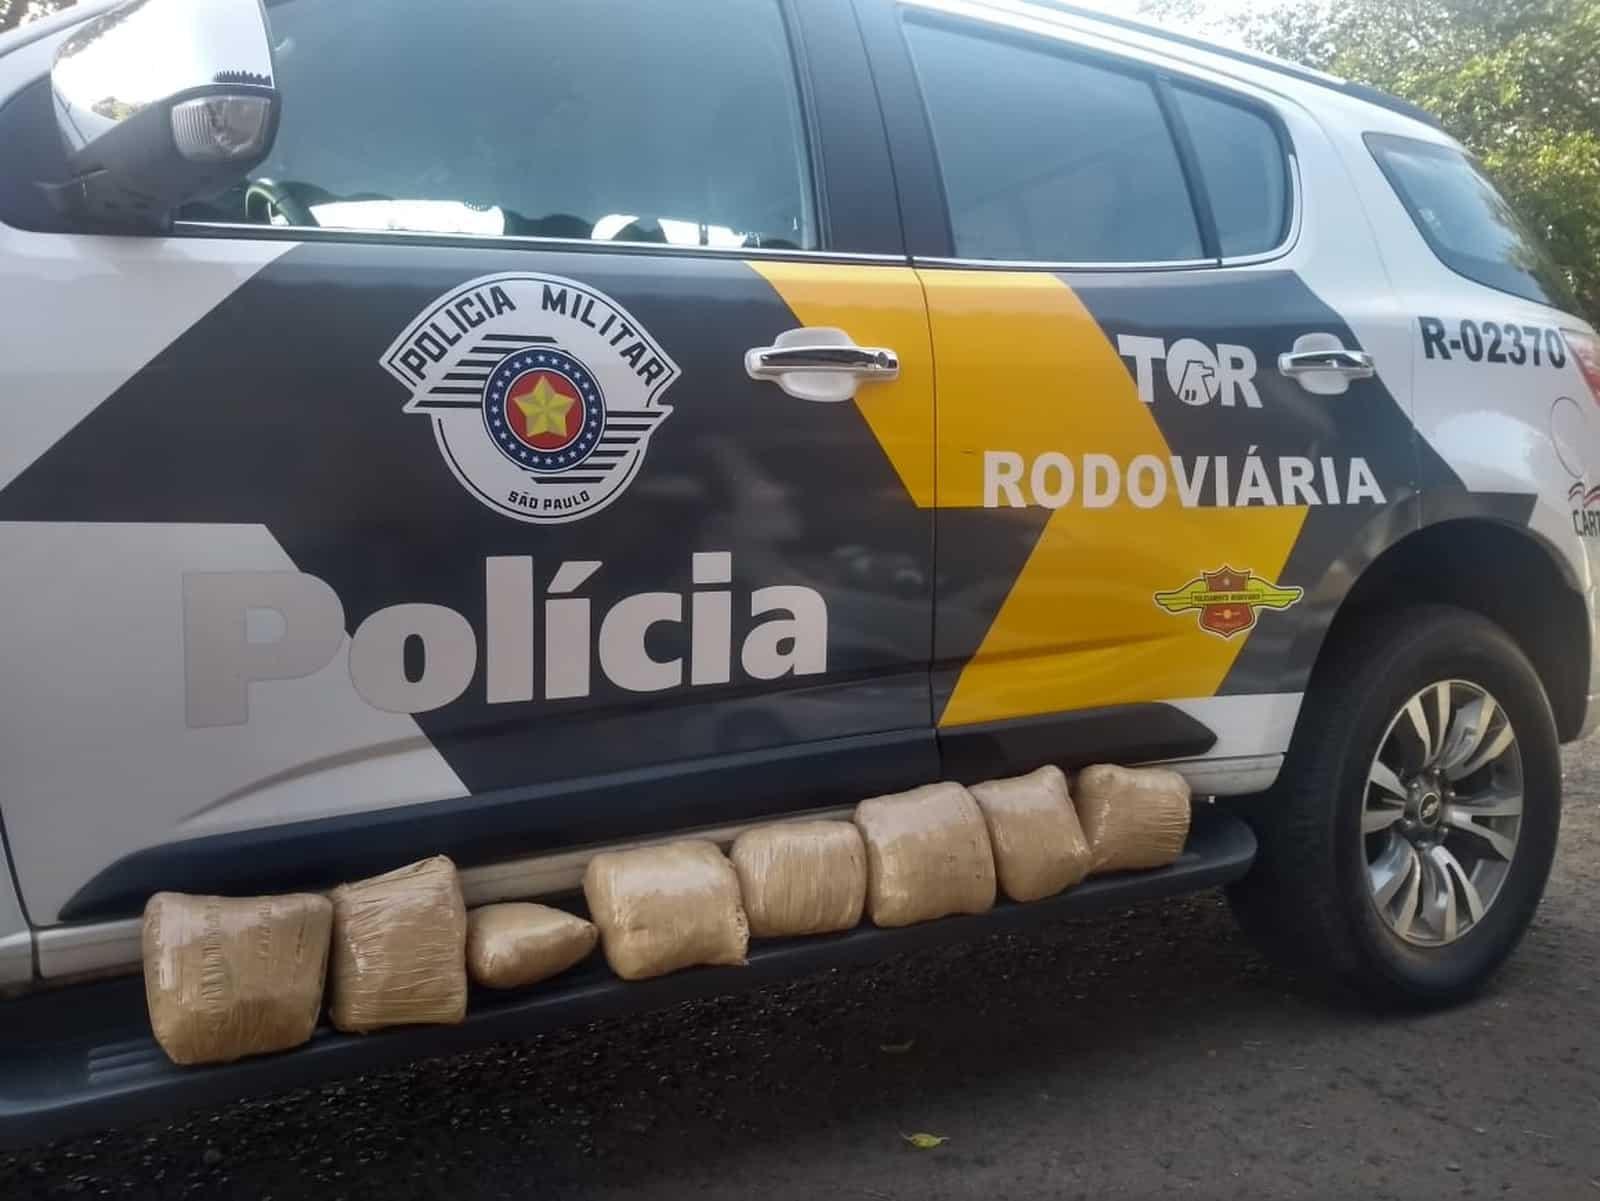 Polícia encontrou oito porções de skank dentro de ônibus em rodovia de Assis — Foto: Polícia Militar Rodoviária/Divulgação